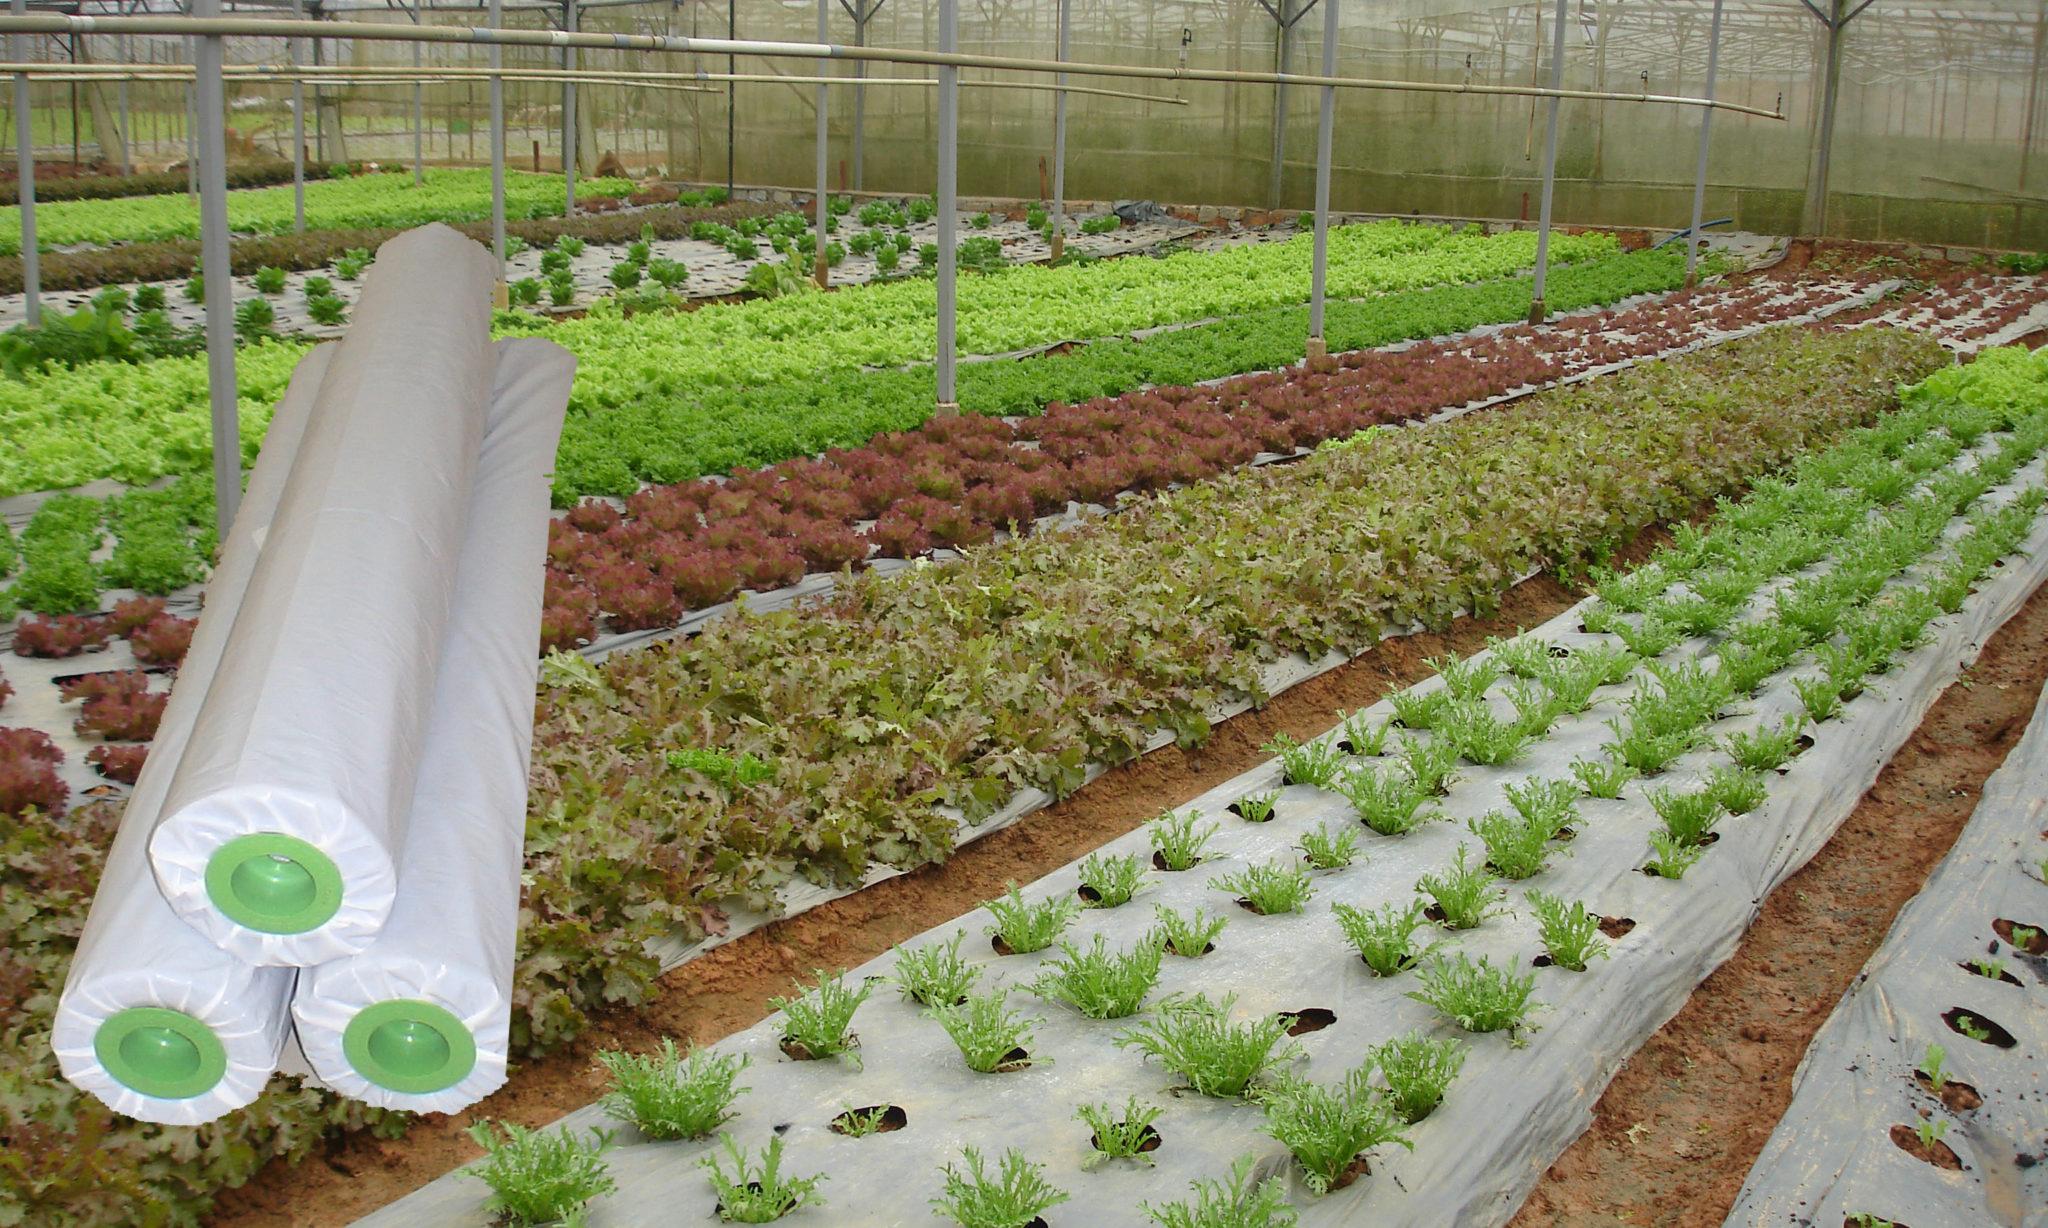 màng phủ nông nghiệp giá rẻ nhất